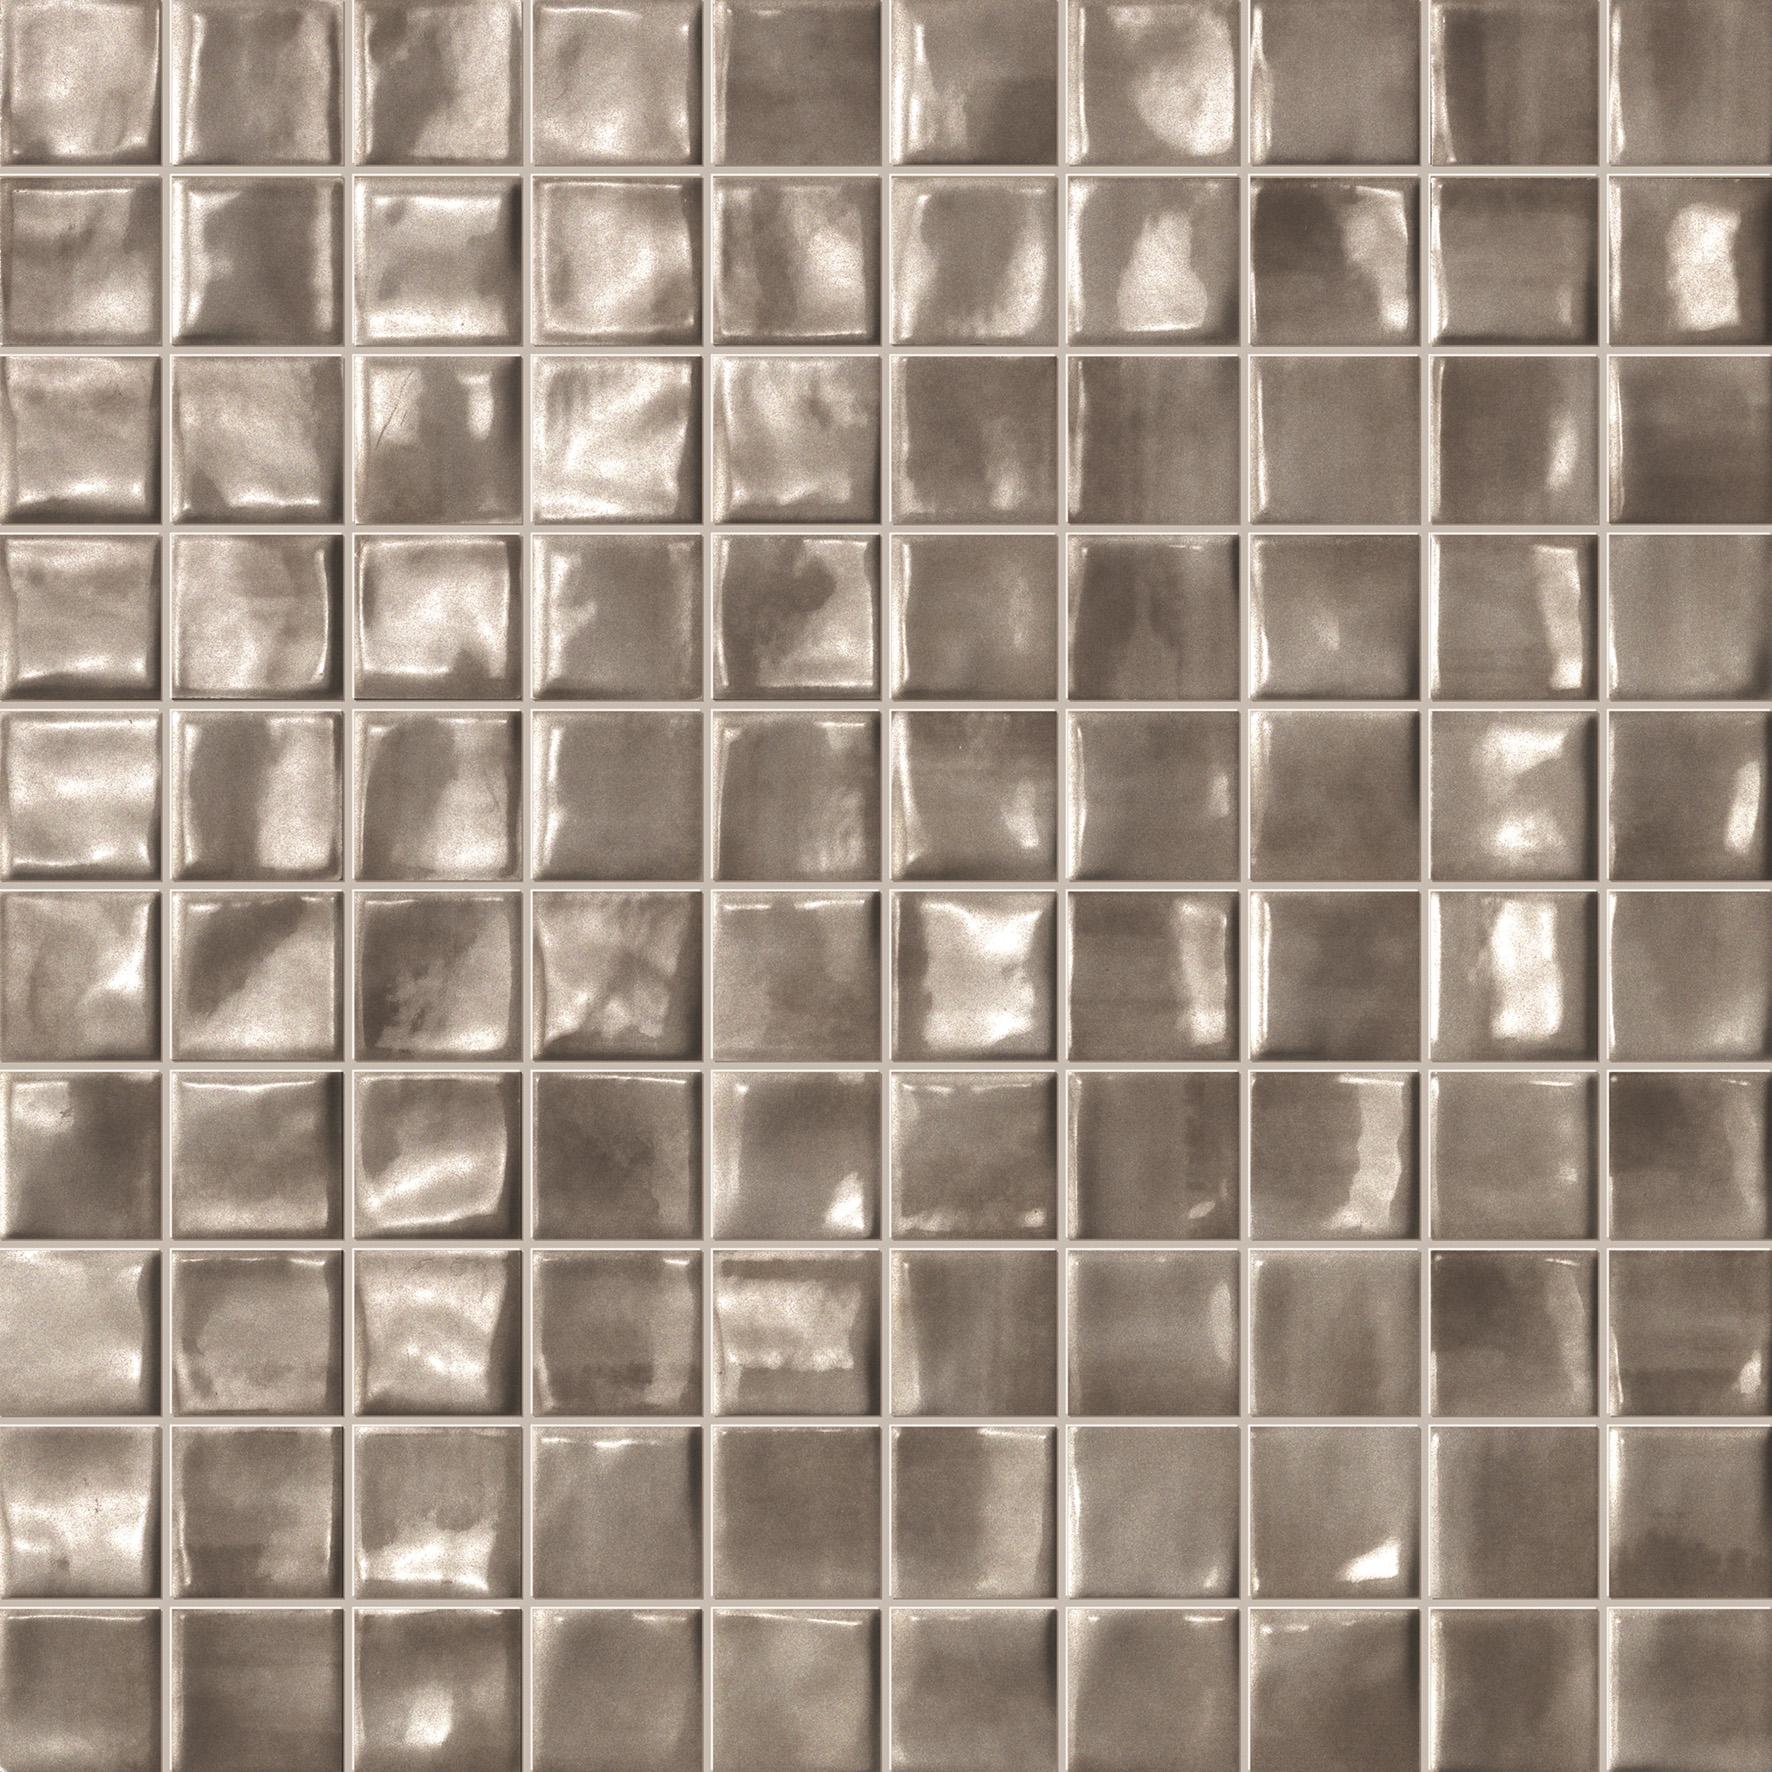 Мозаика FAP Ceramiche Frame +20237 Natura Earth Mosaico fap sole buganvilla mosaico 4x4 30 5x30 5